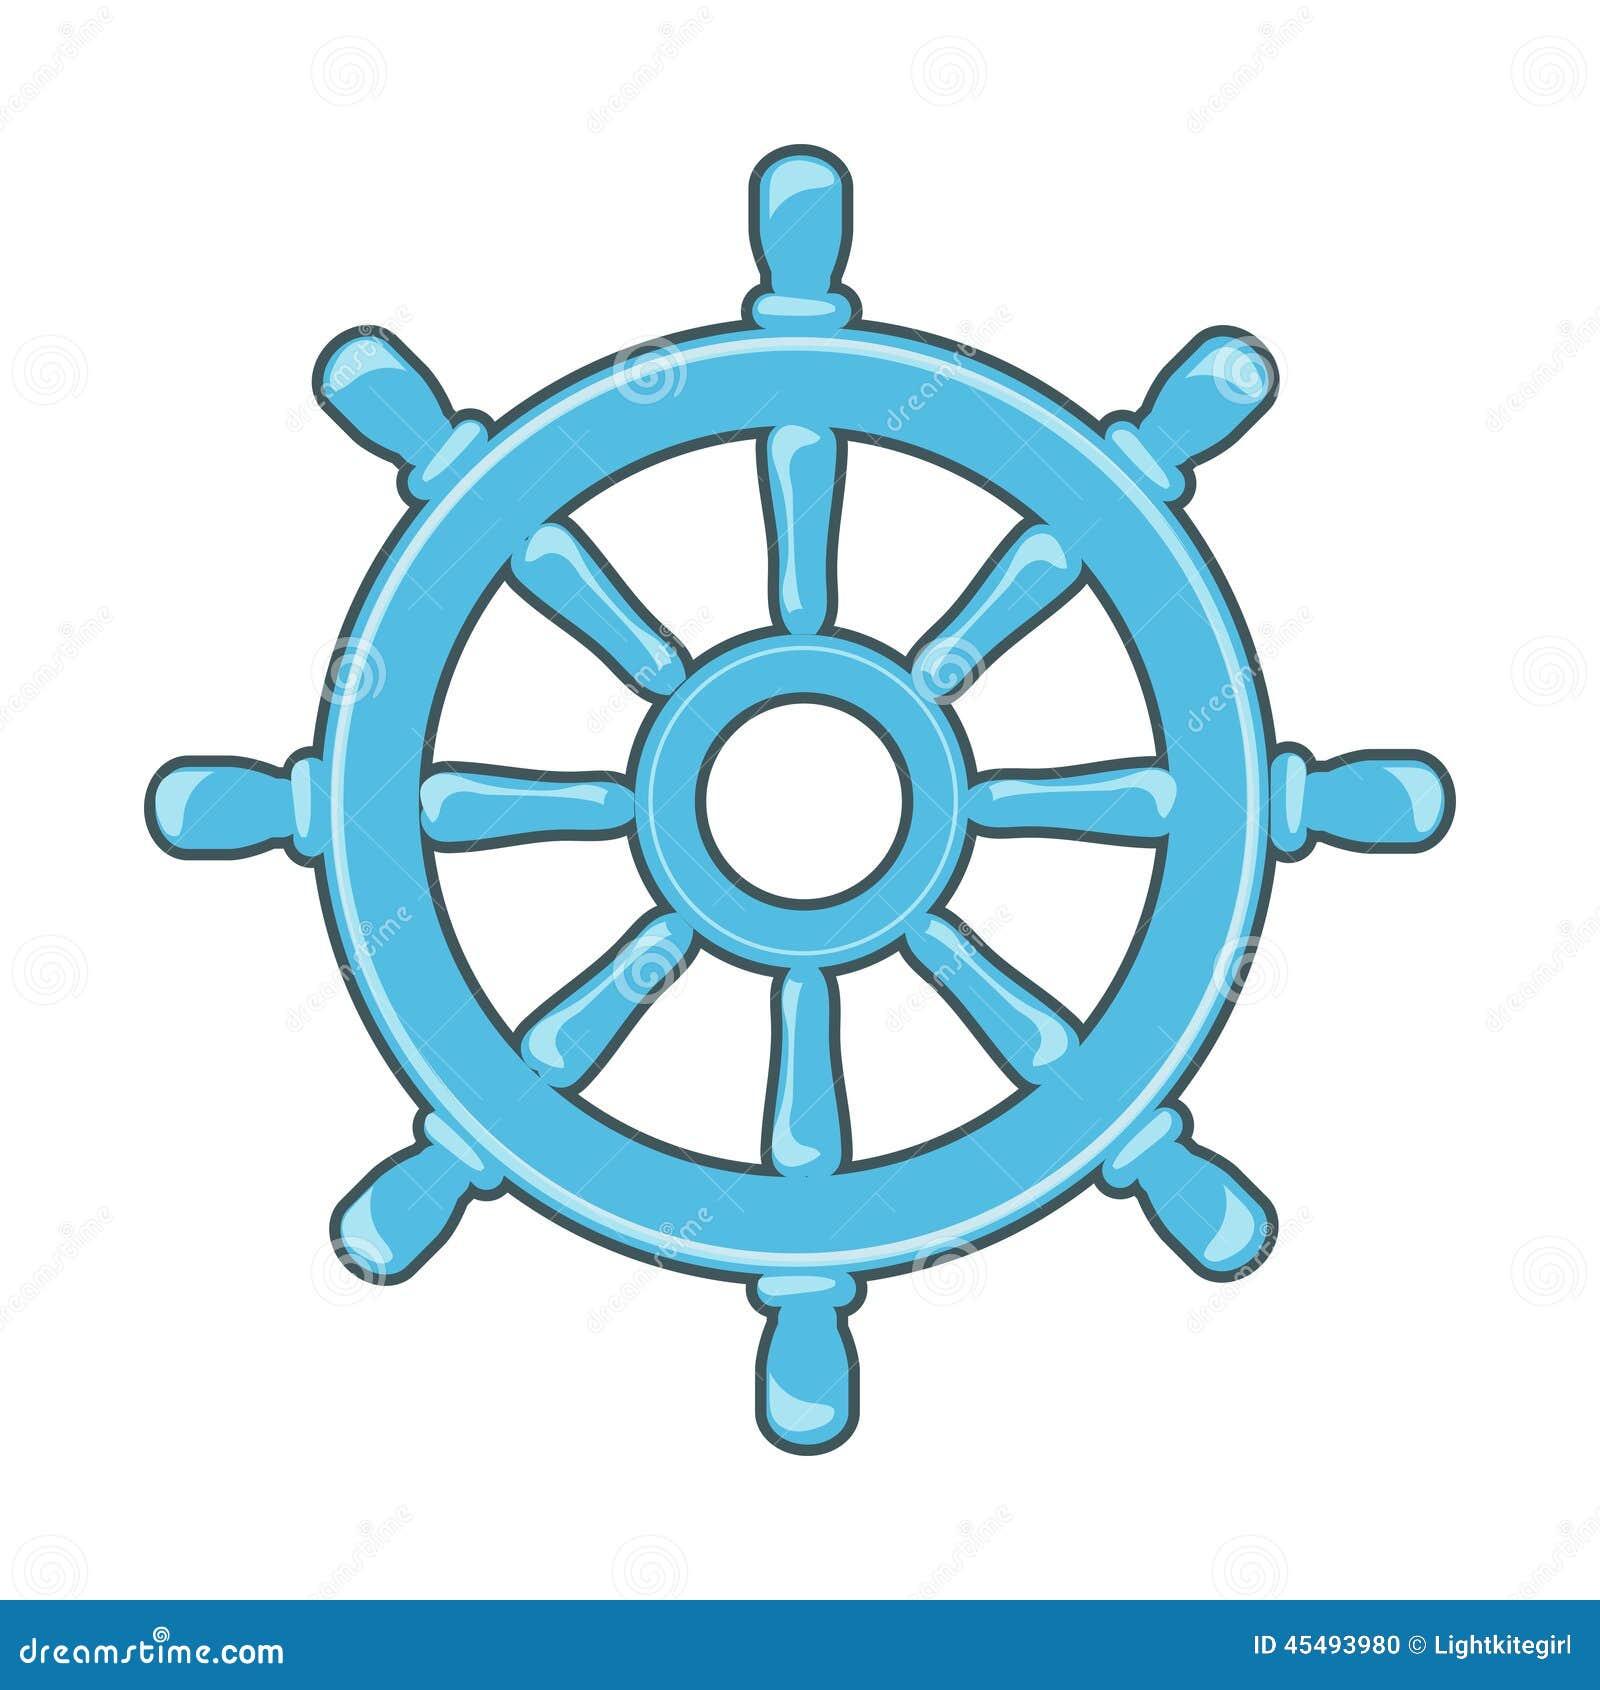 Как сделать штурвал корабля своими руками